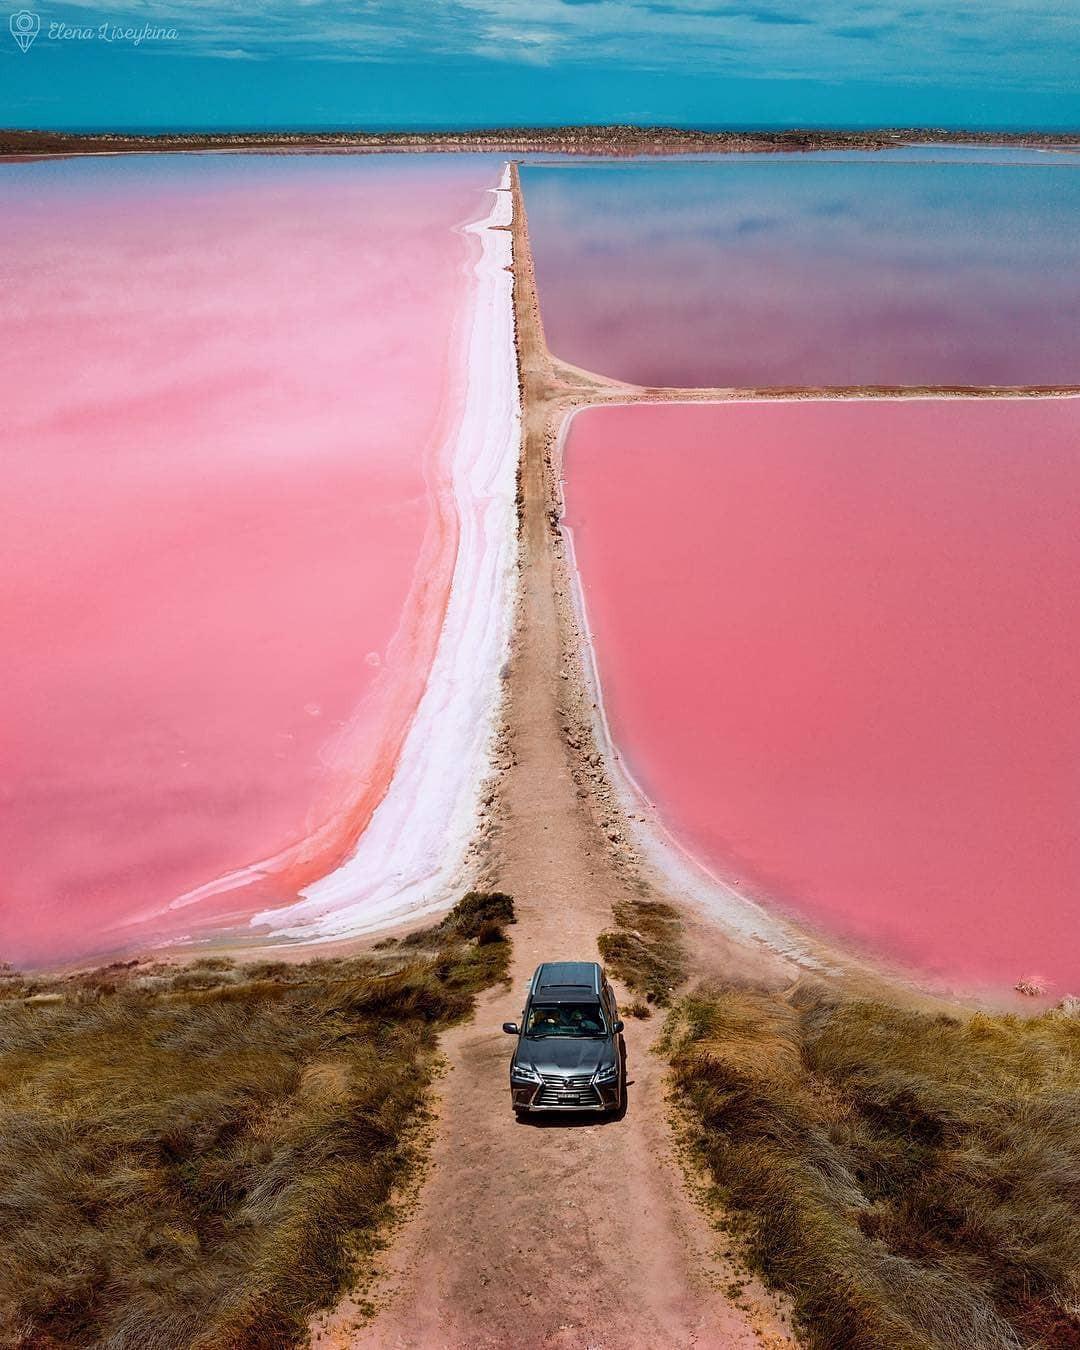 Tương truyền rằng chàng trai nào dẫn bạn gái đến hồ nước màu hồng siêu ảo này sẽ được cô ấy yêu trọn đời - Ảnh 12.